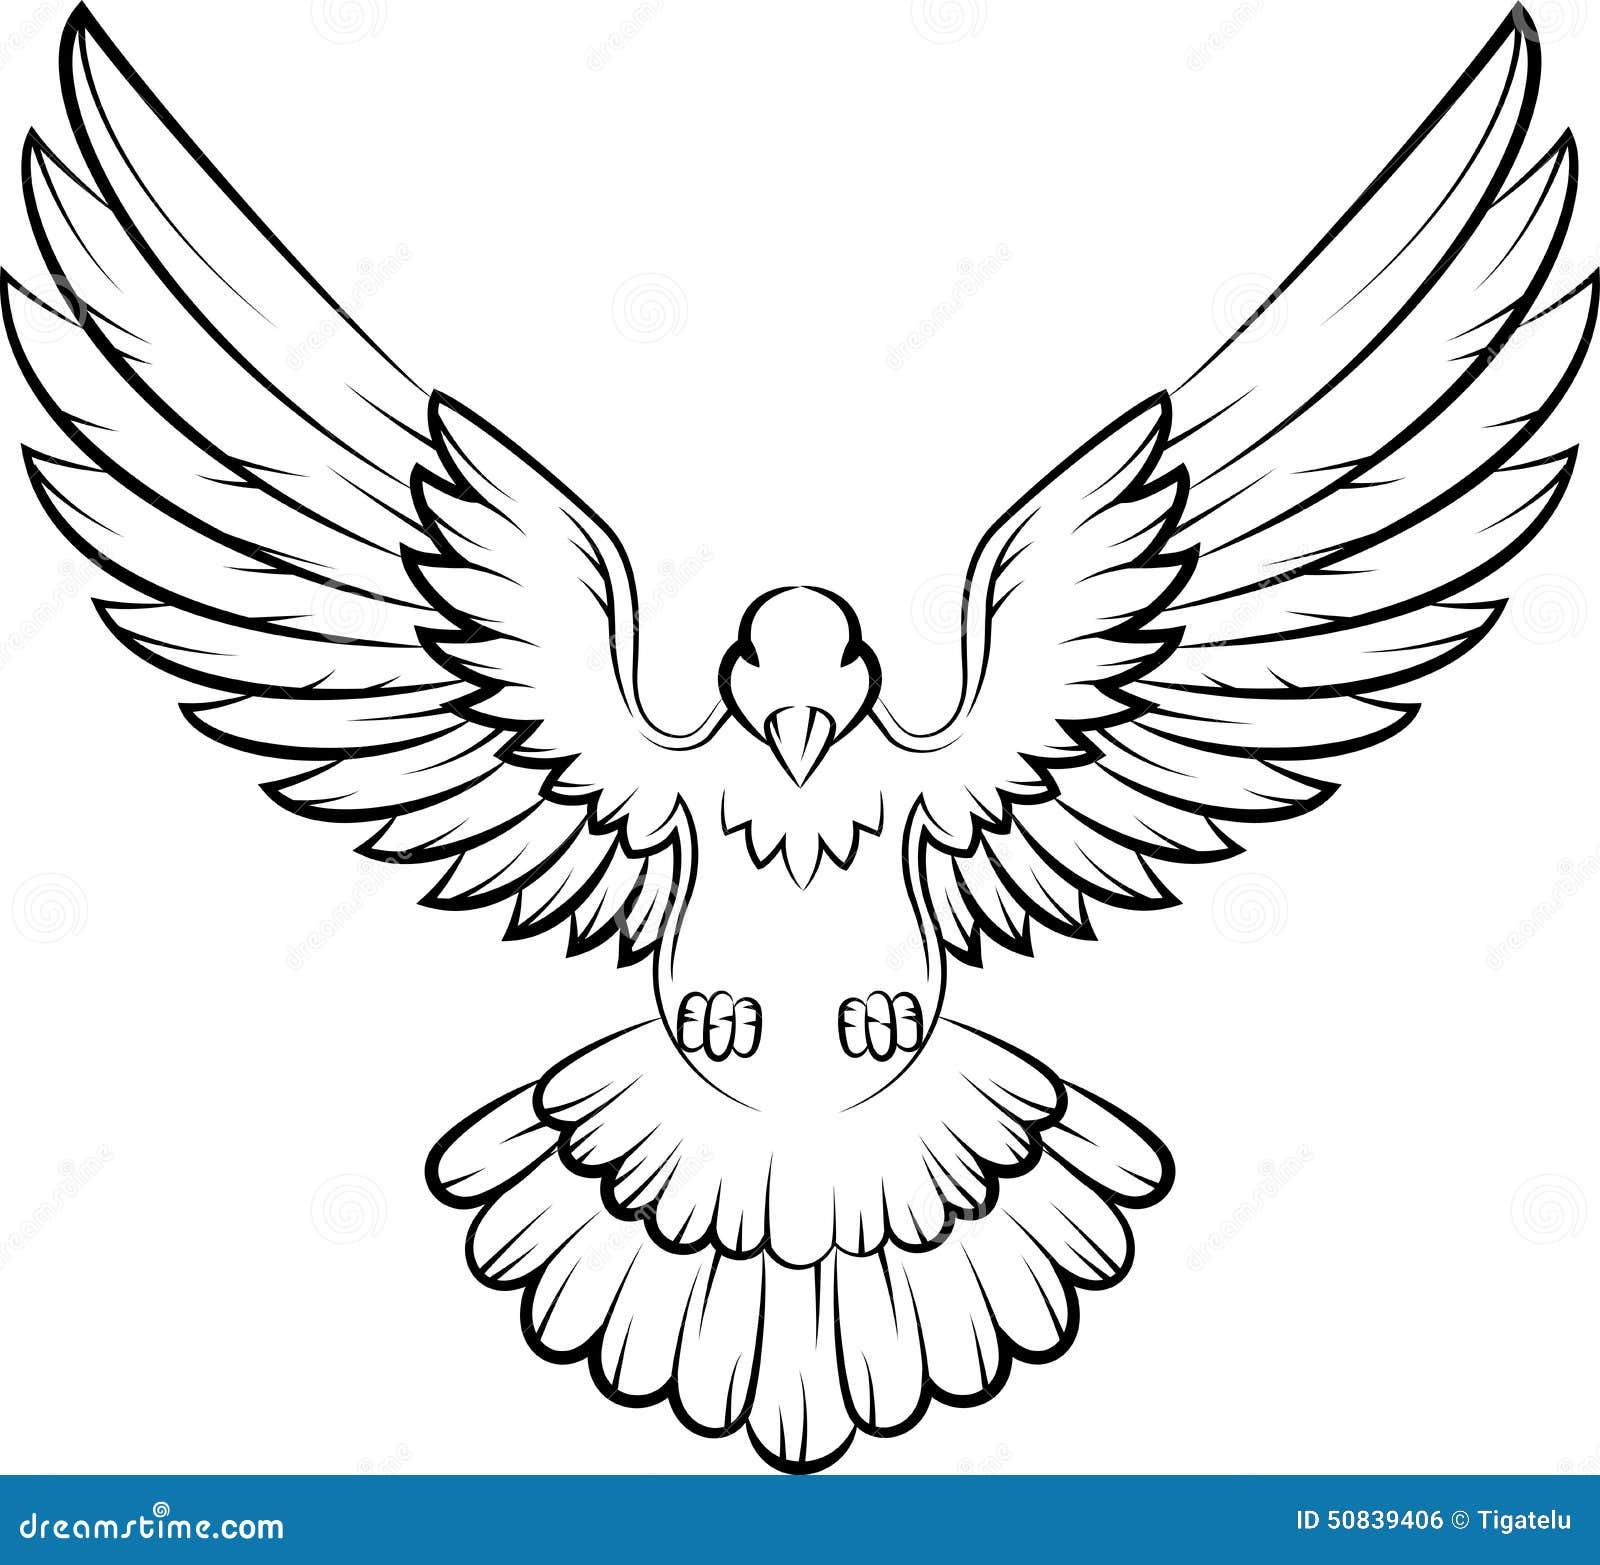 Cartoon Dove Birds Logo For Peace Concept And Wedding Design Stock